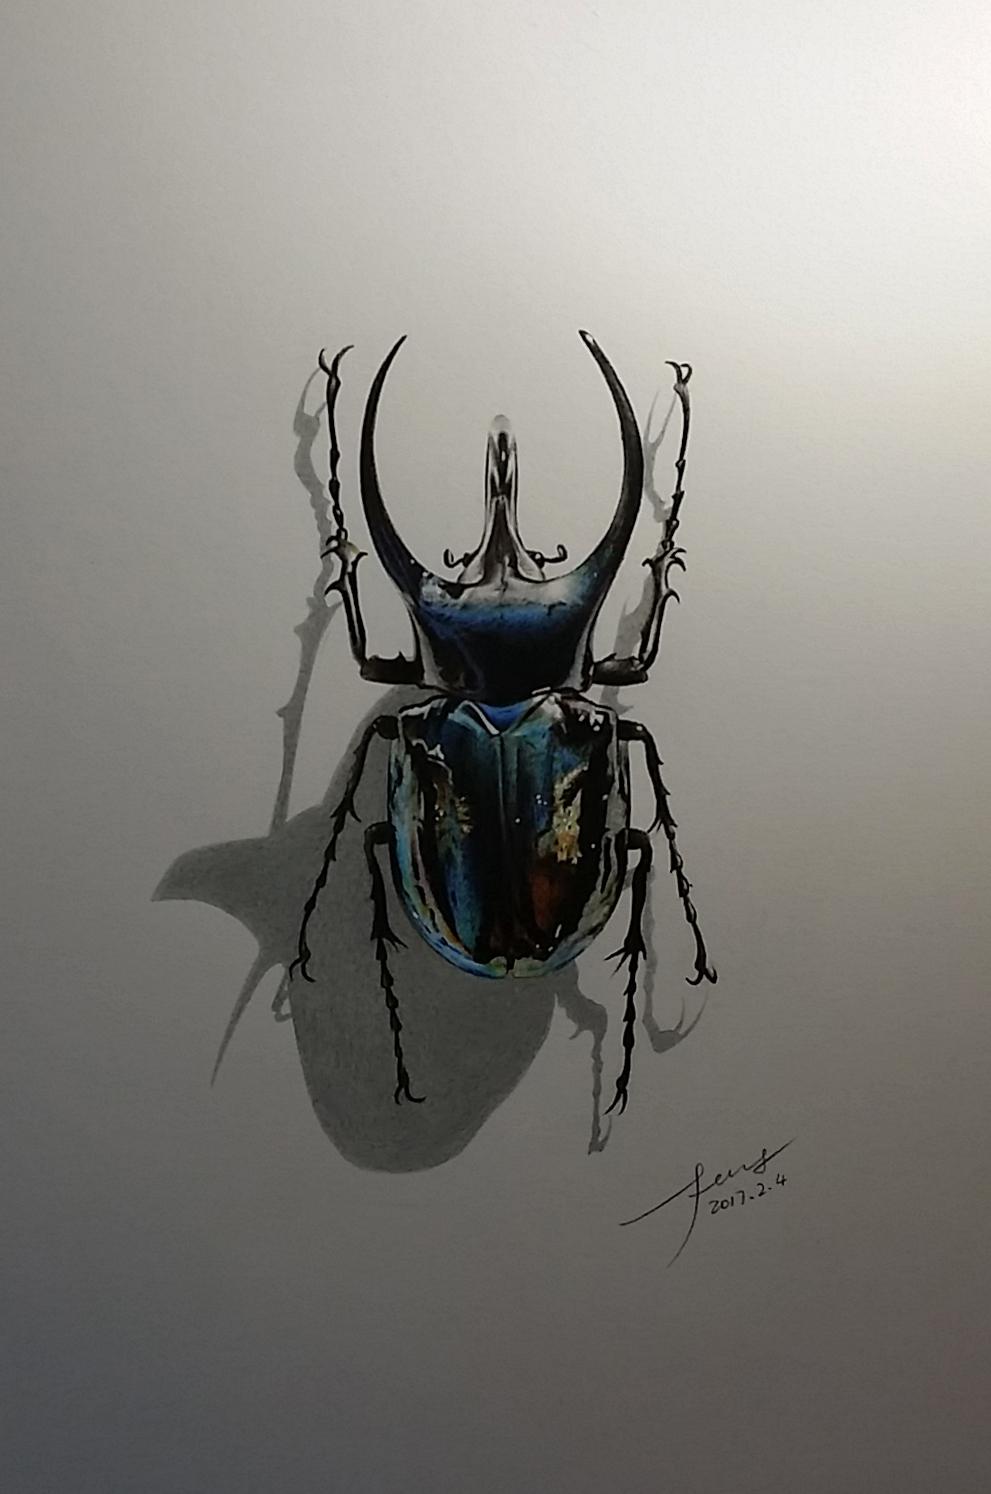 彩铅手绘—甲壳虫